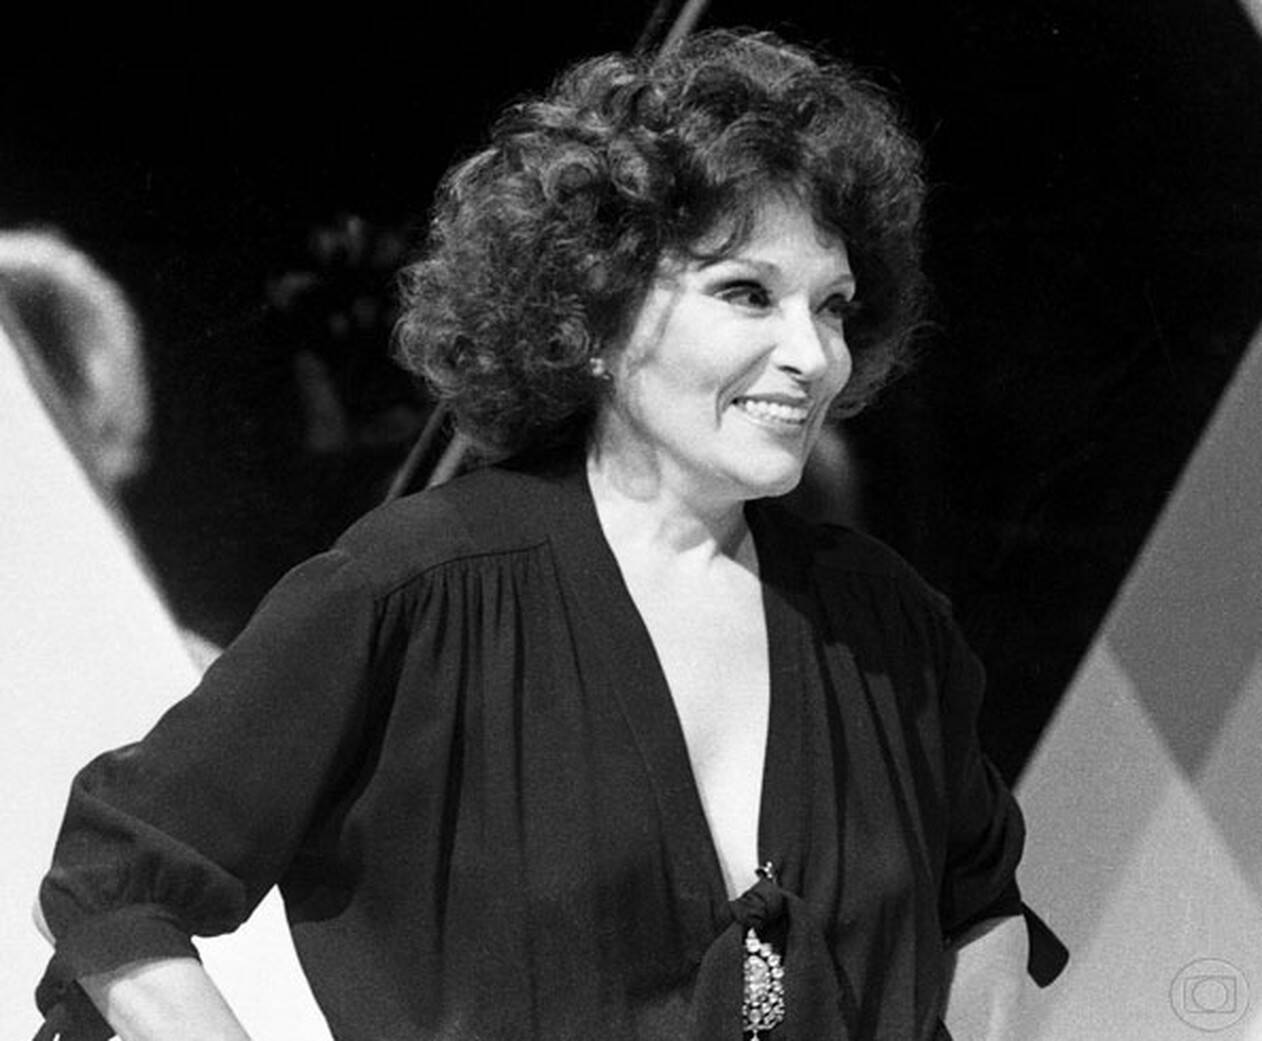 Bibi Ferreira nasceu no dia 1 de junho de 1922, no Rio de Janeiro. Foto: Reprodução/ TV Globo